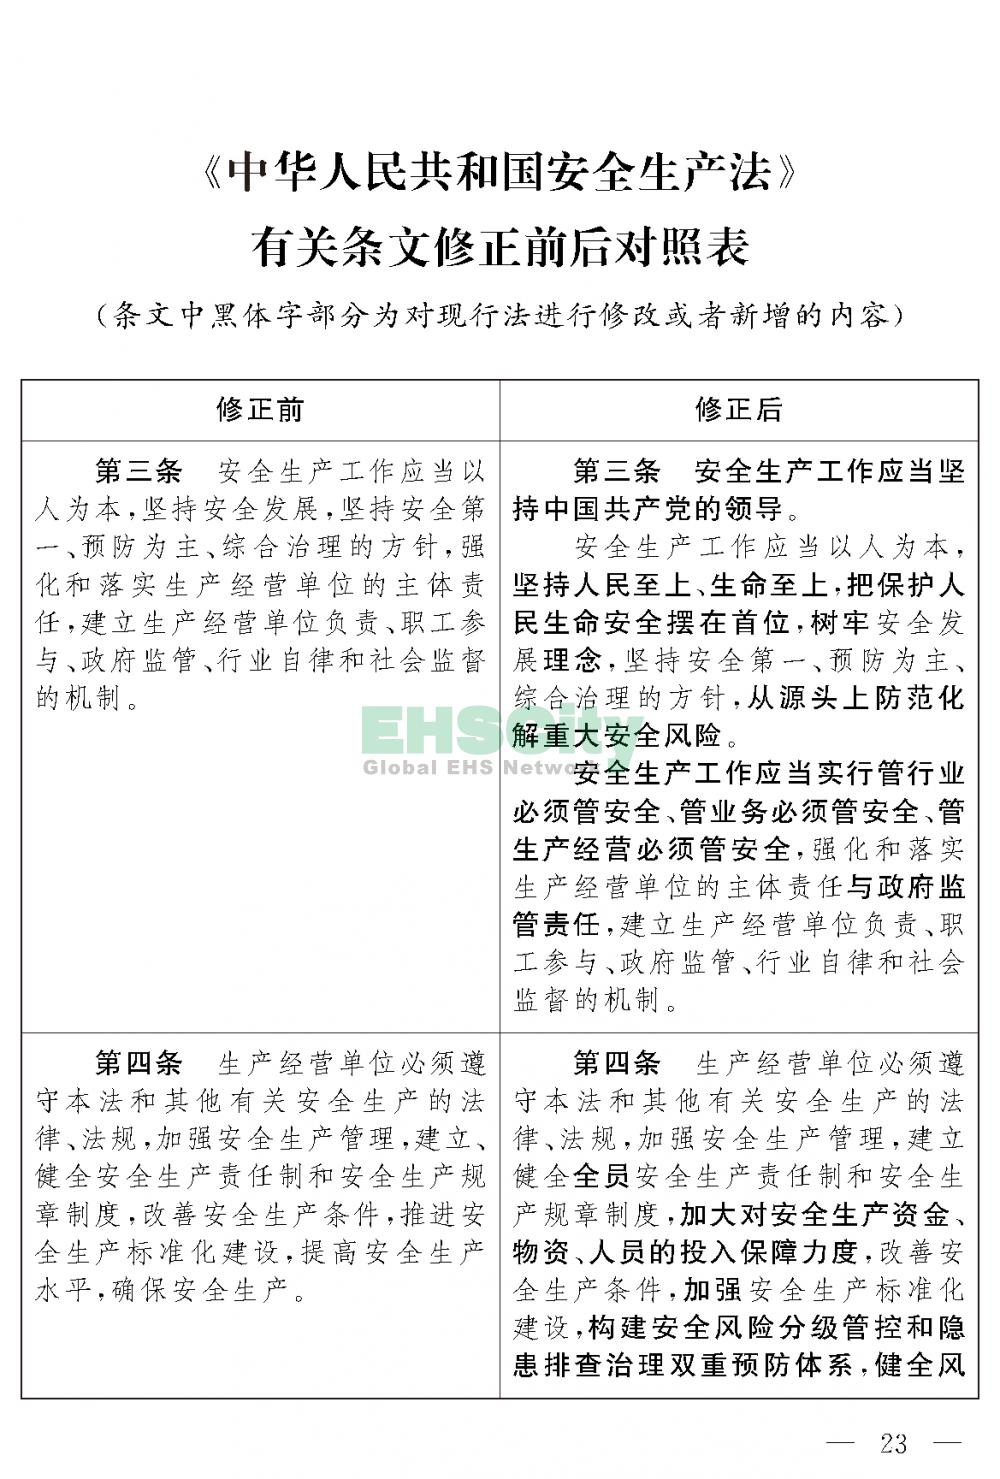 中华人民共和国安全生产法(修正草案)_页面_17